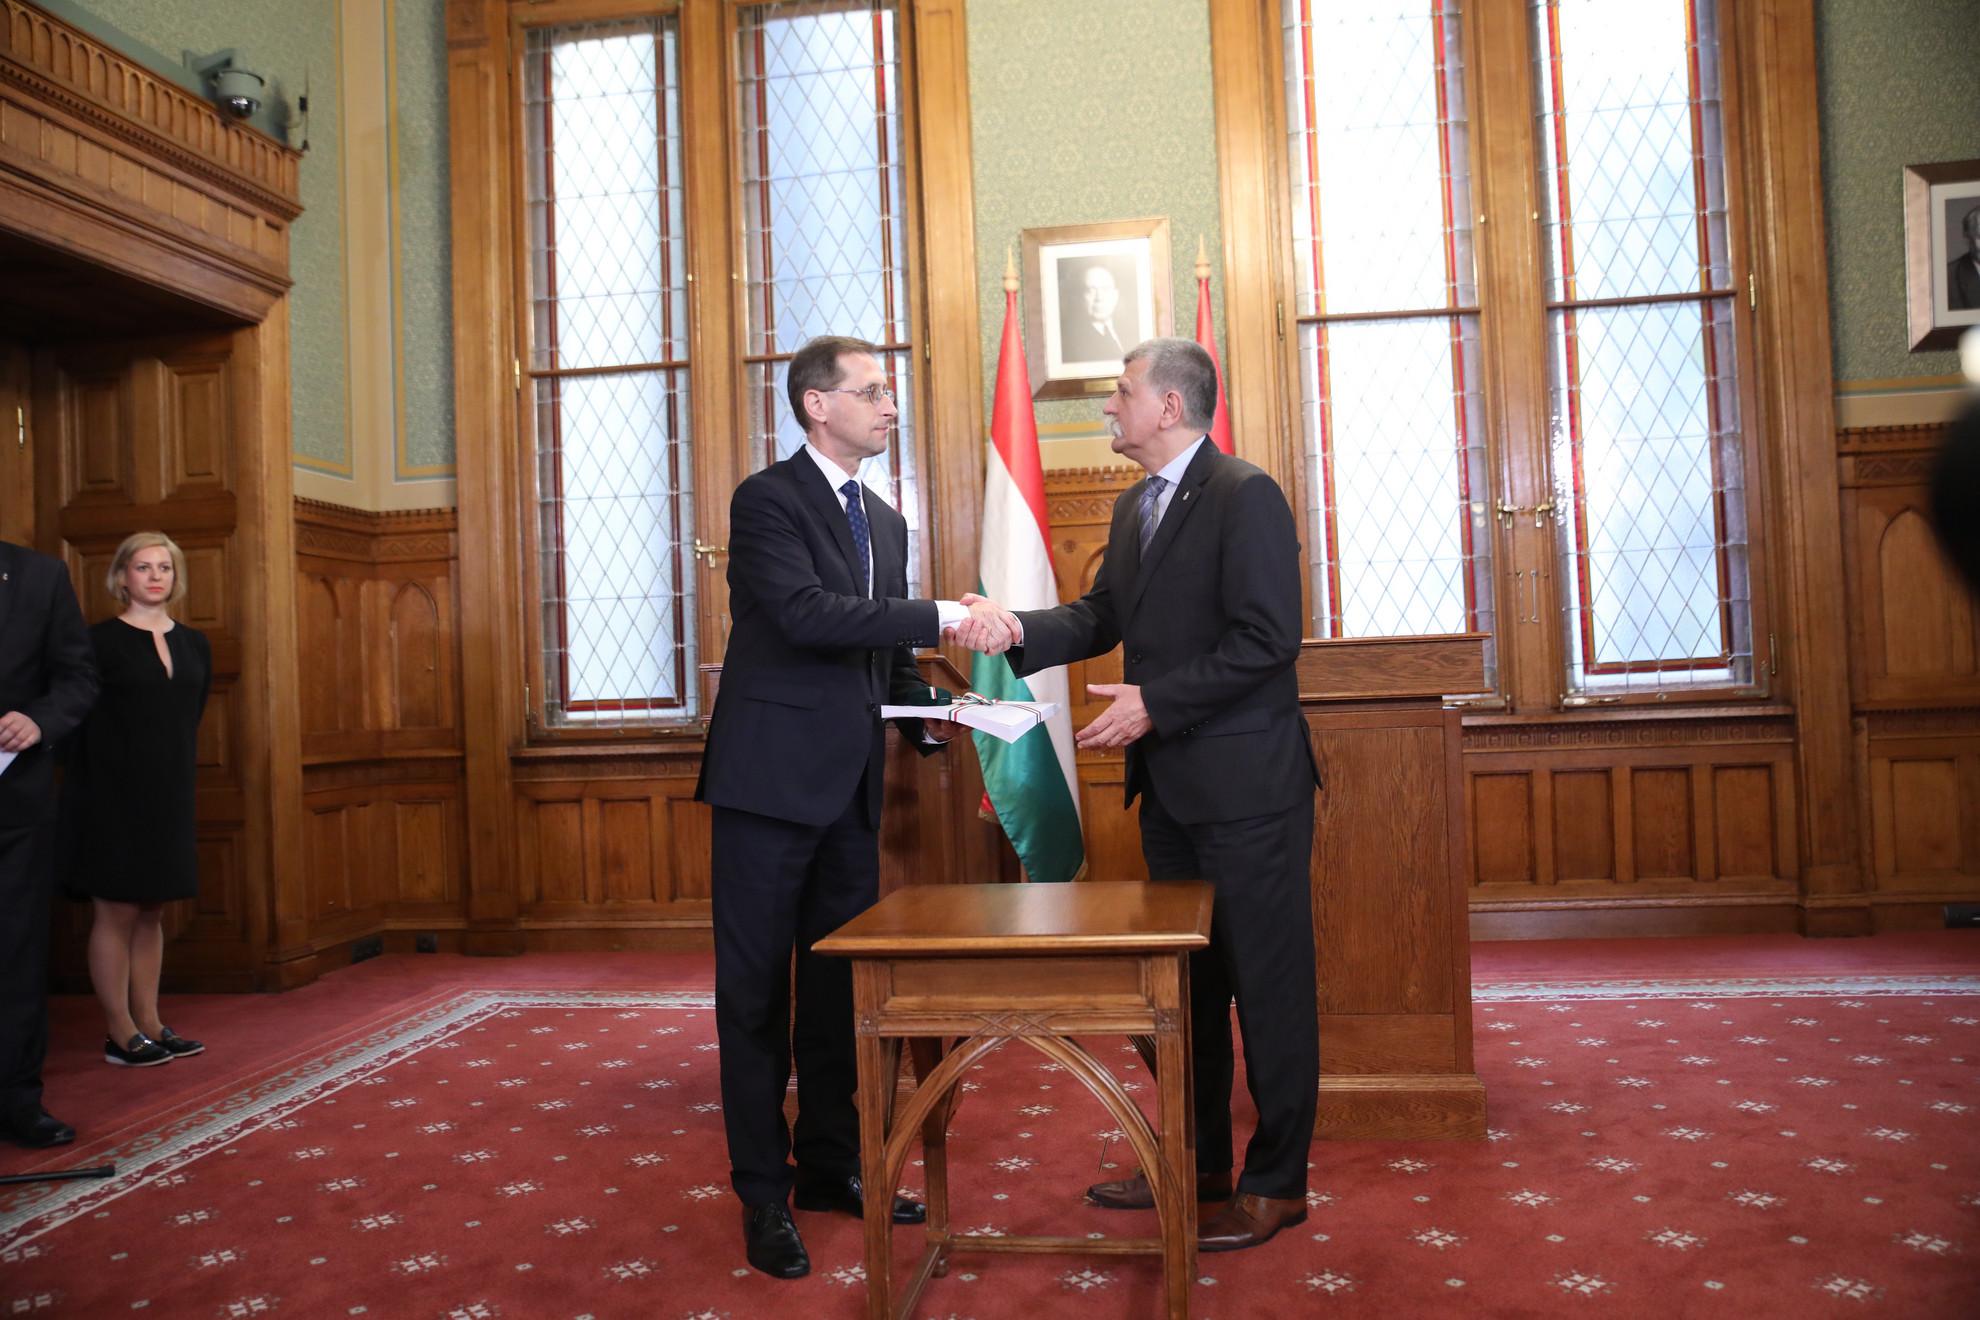 Varga Mihály (b) átadja a Kövér Lászlónak (j) a törvény tervezetét